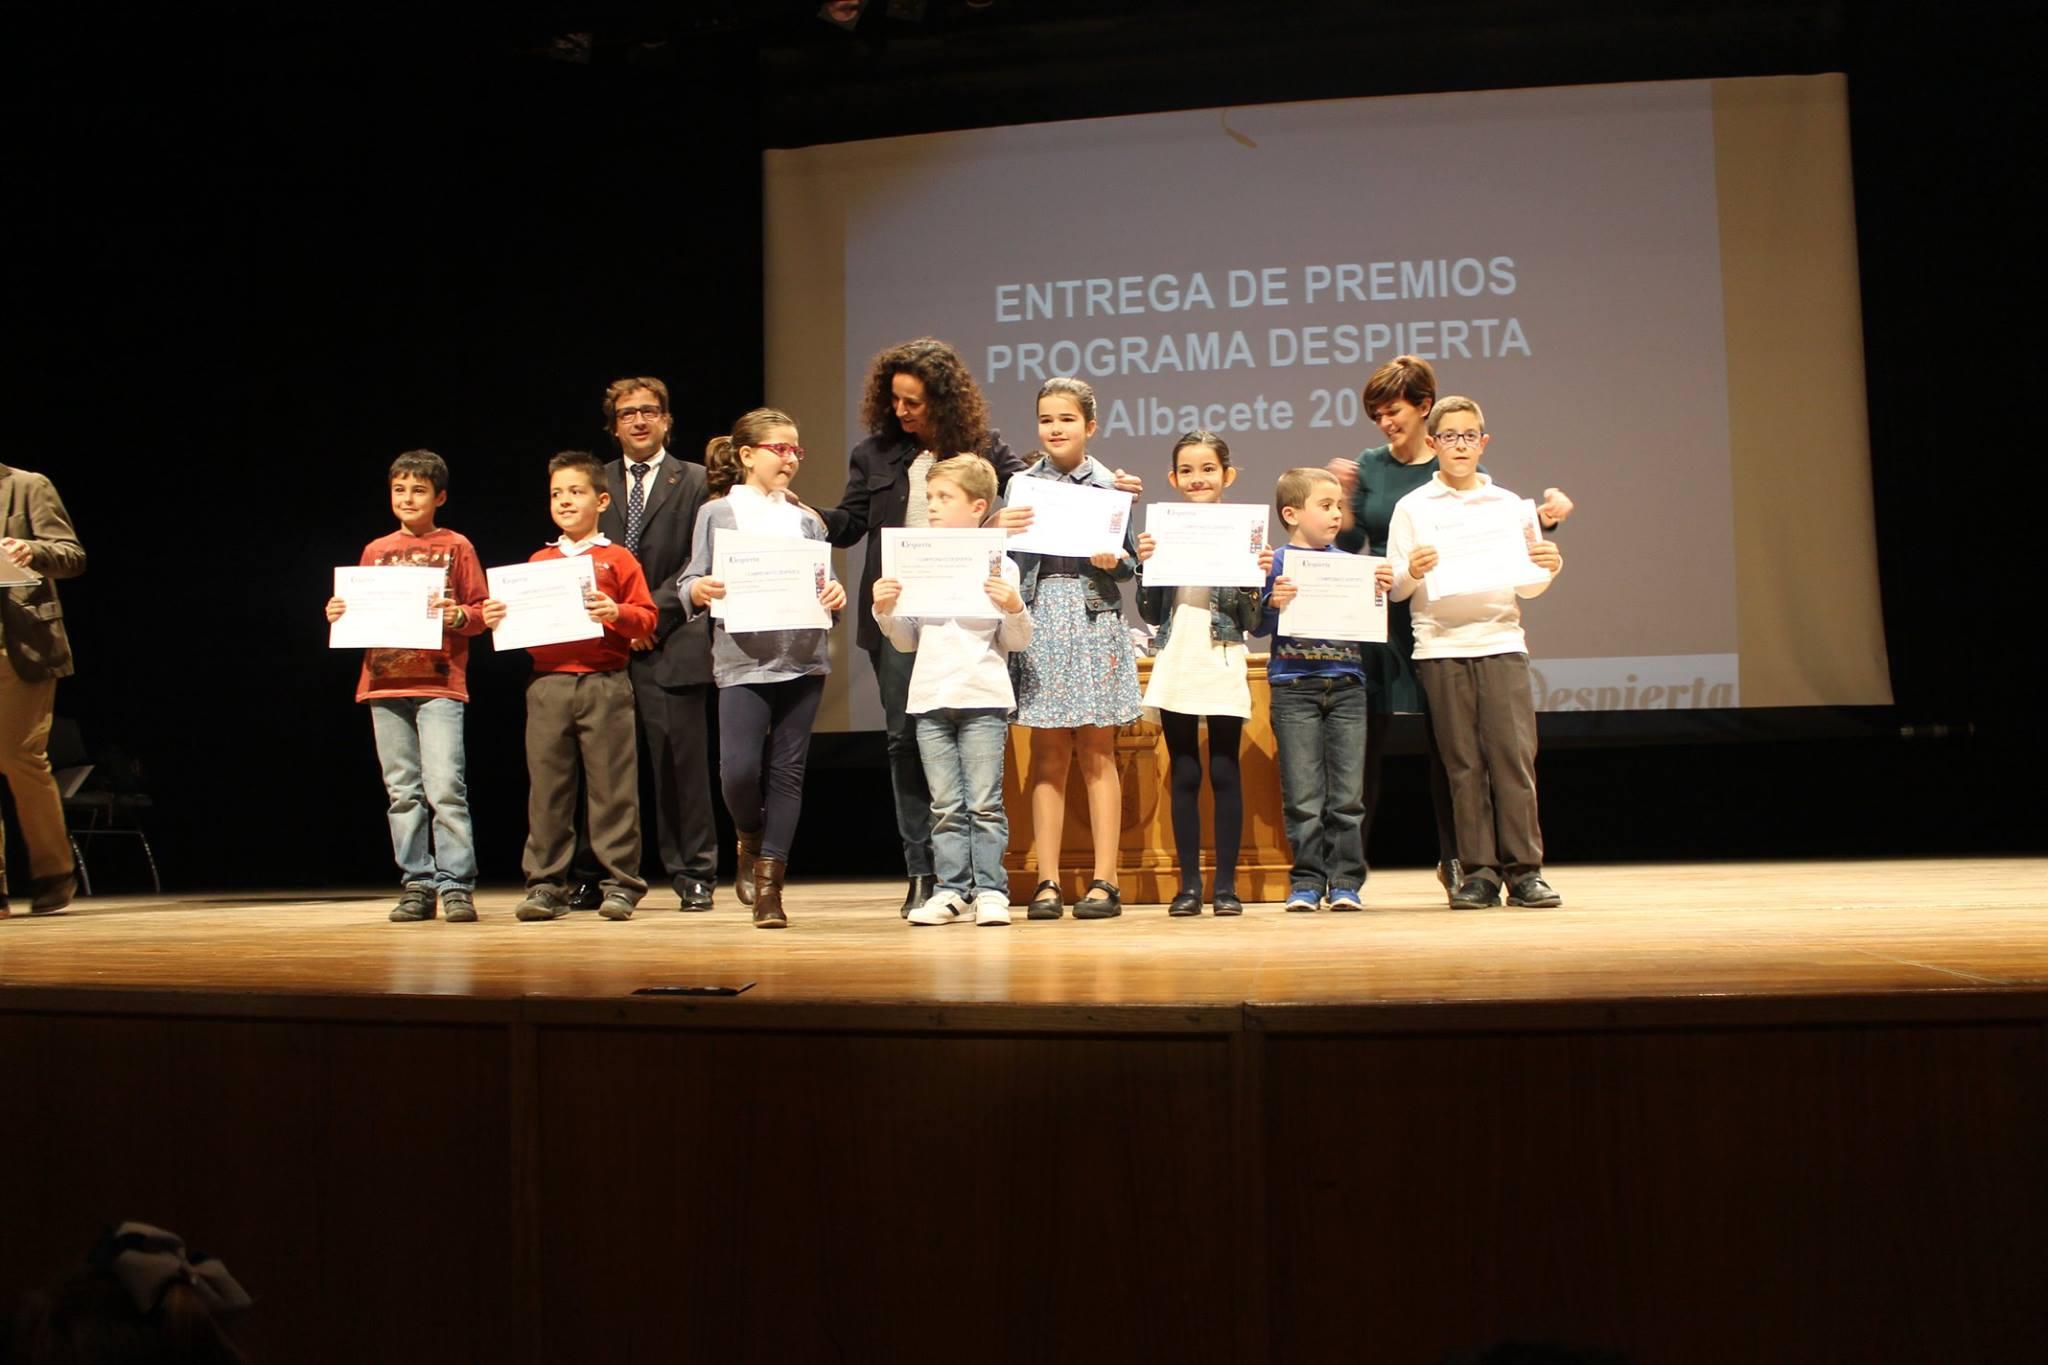 Entrega de Premios del campeonato Despierta en Albacete